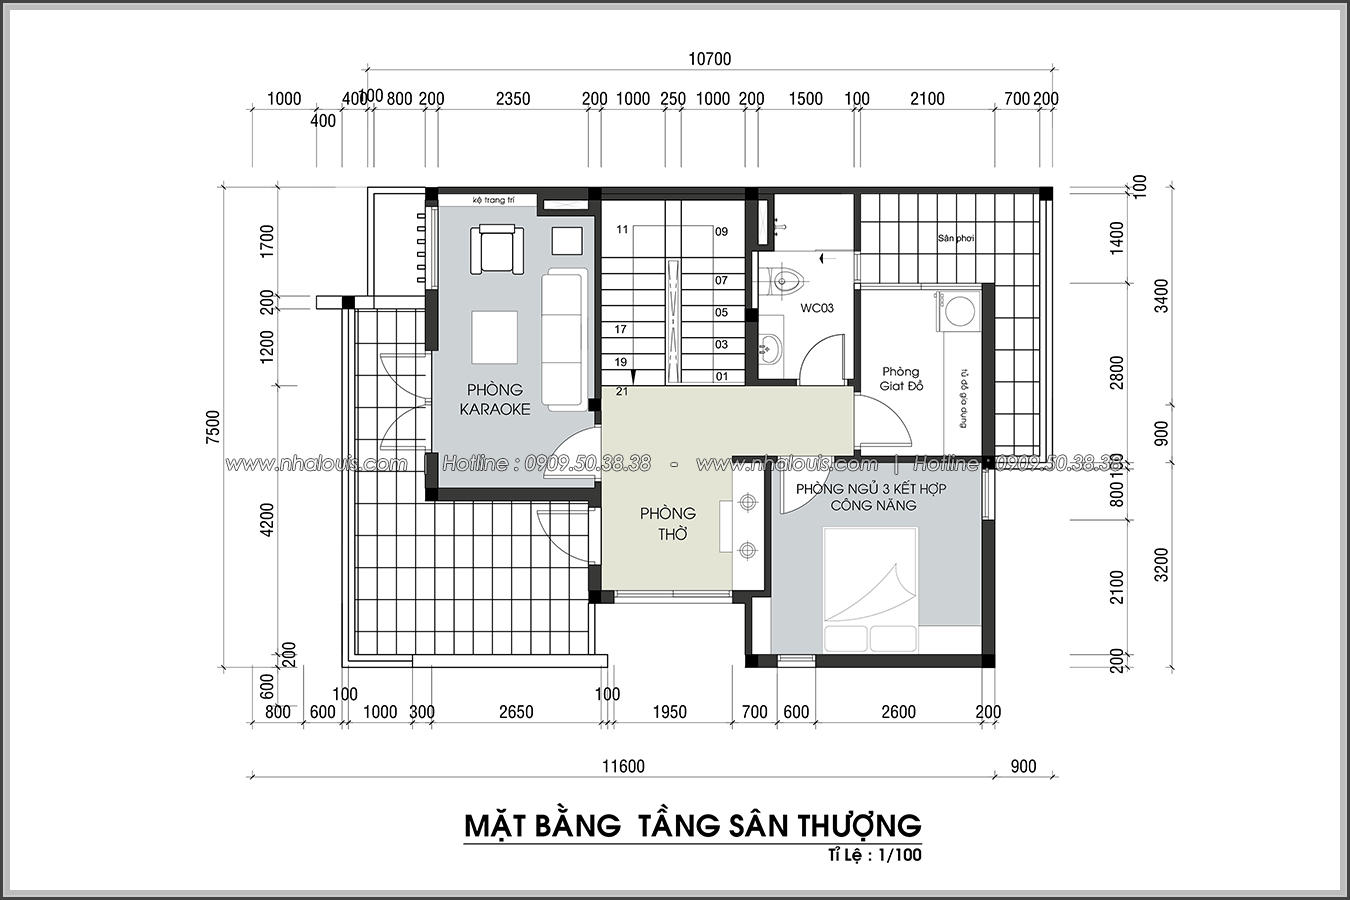 Thiết kế biệt thự 3 tầng đẹp tại dự án Lucasta Villa đẳng cấp - 35